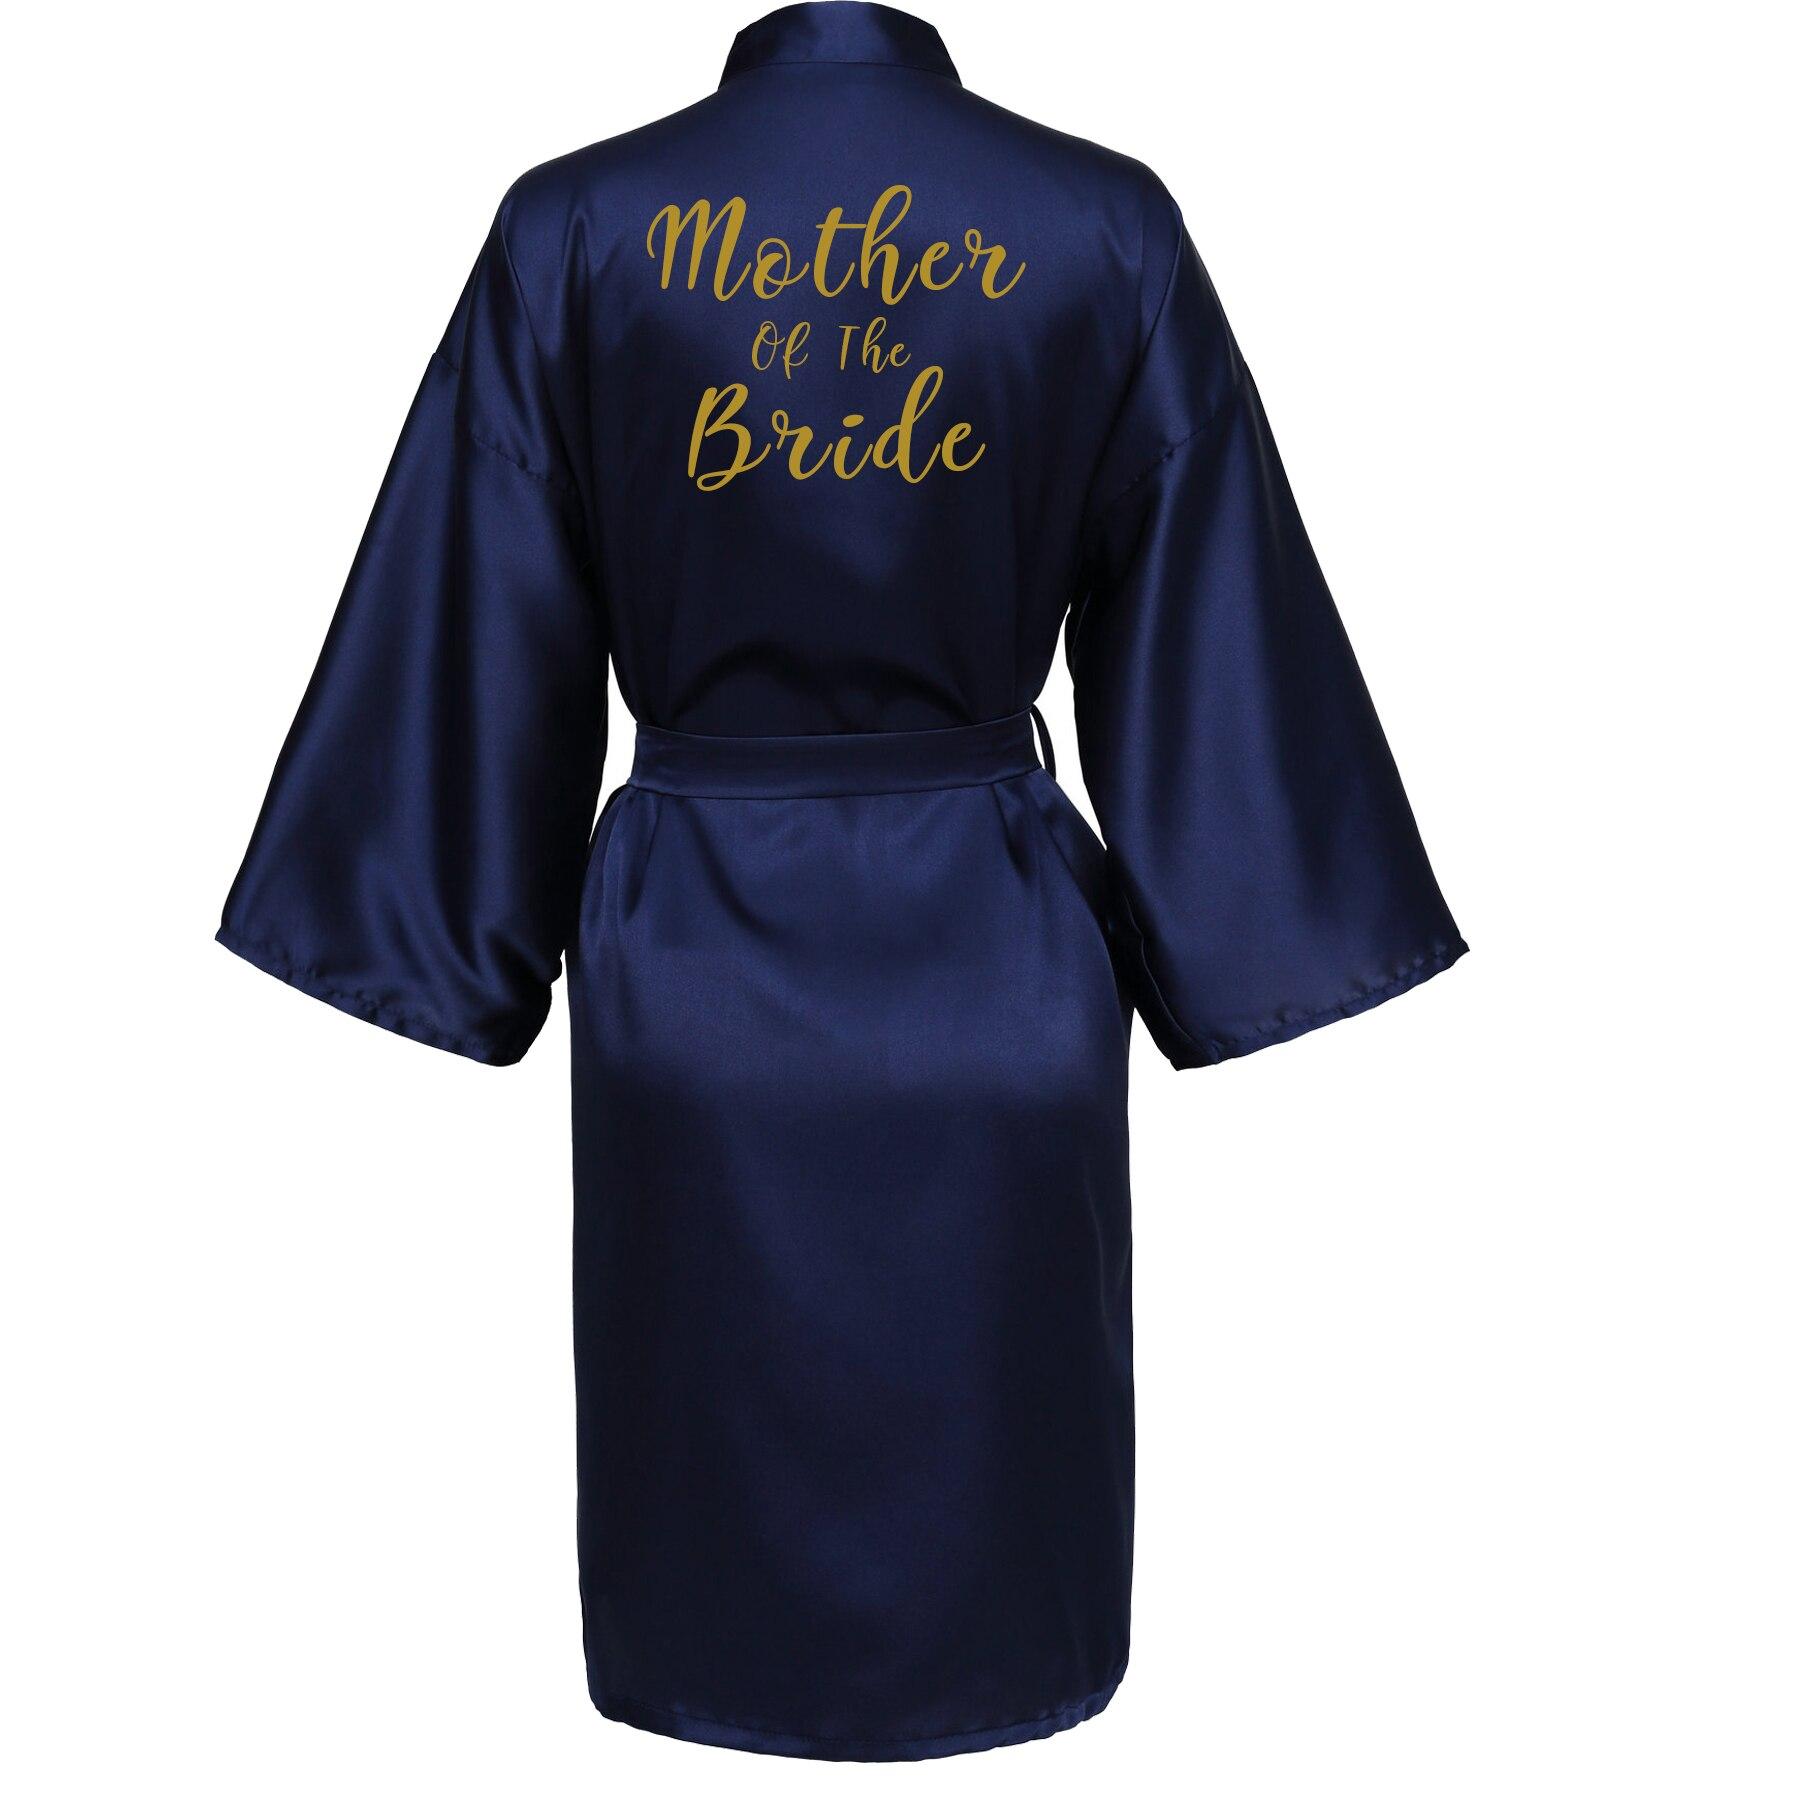 Летняя невесты халат ночная 4